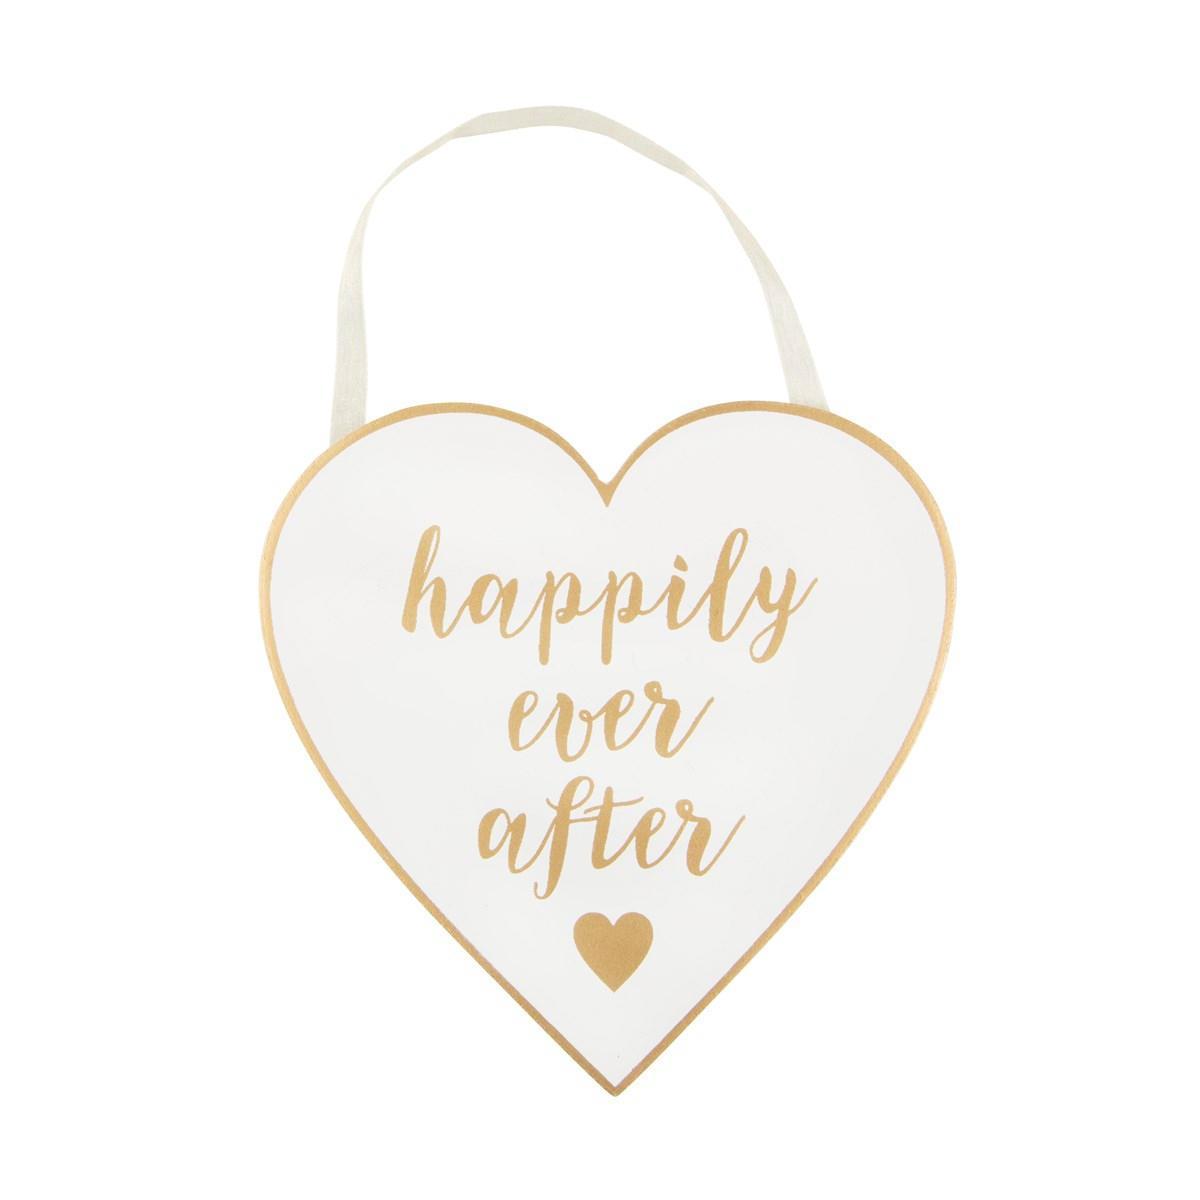 sass & belle Dekorativní srdce Happily, bílá barva, zlatá barva, dřevo